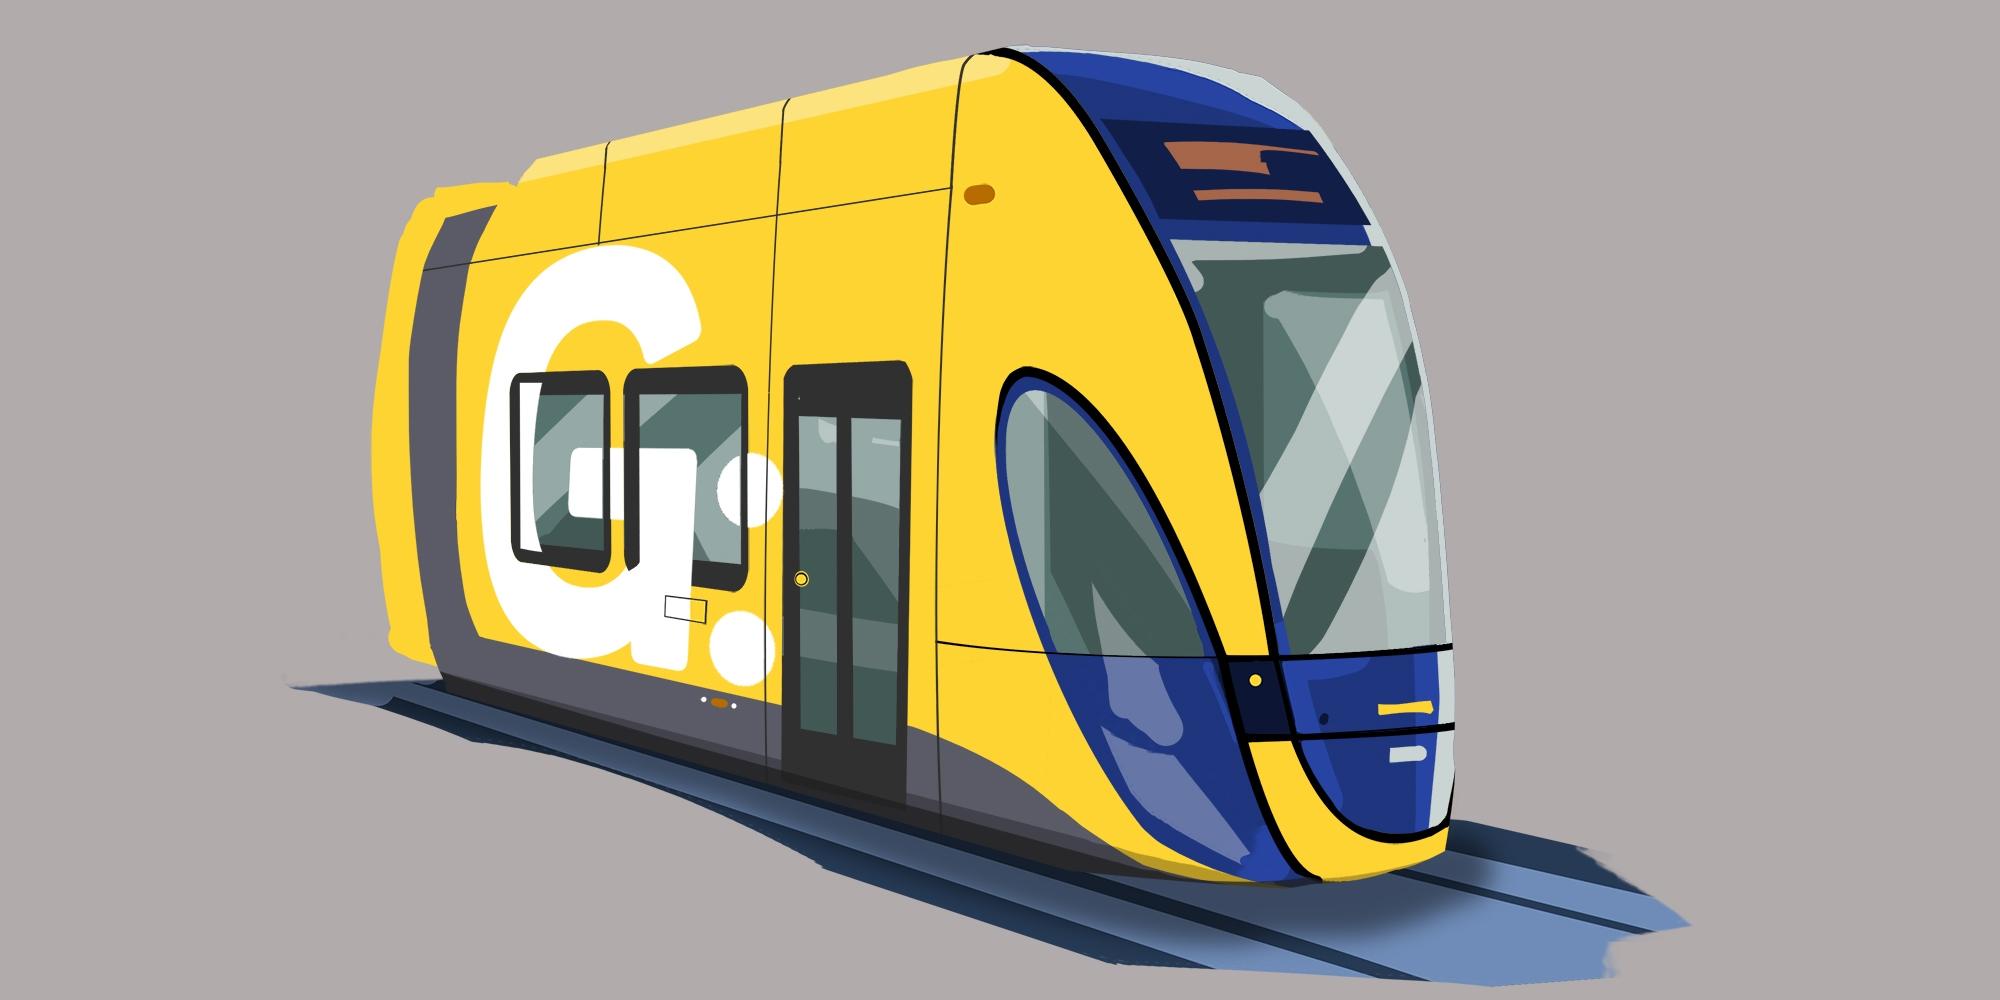 CommGames_tram_v001.jpg